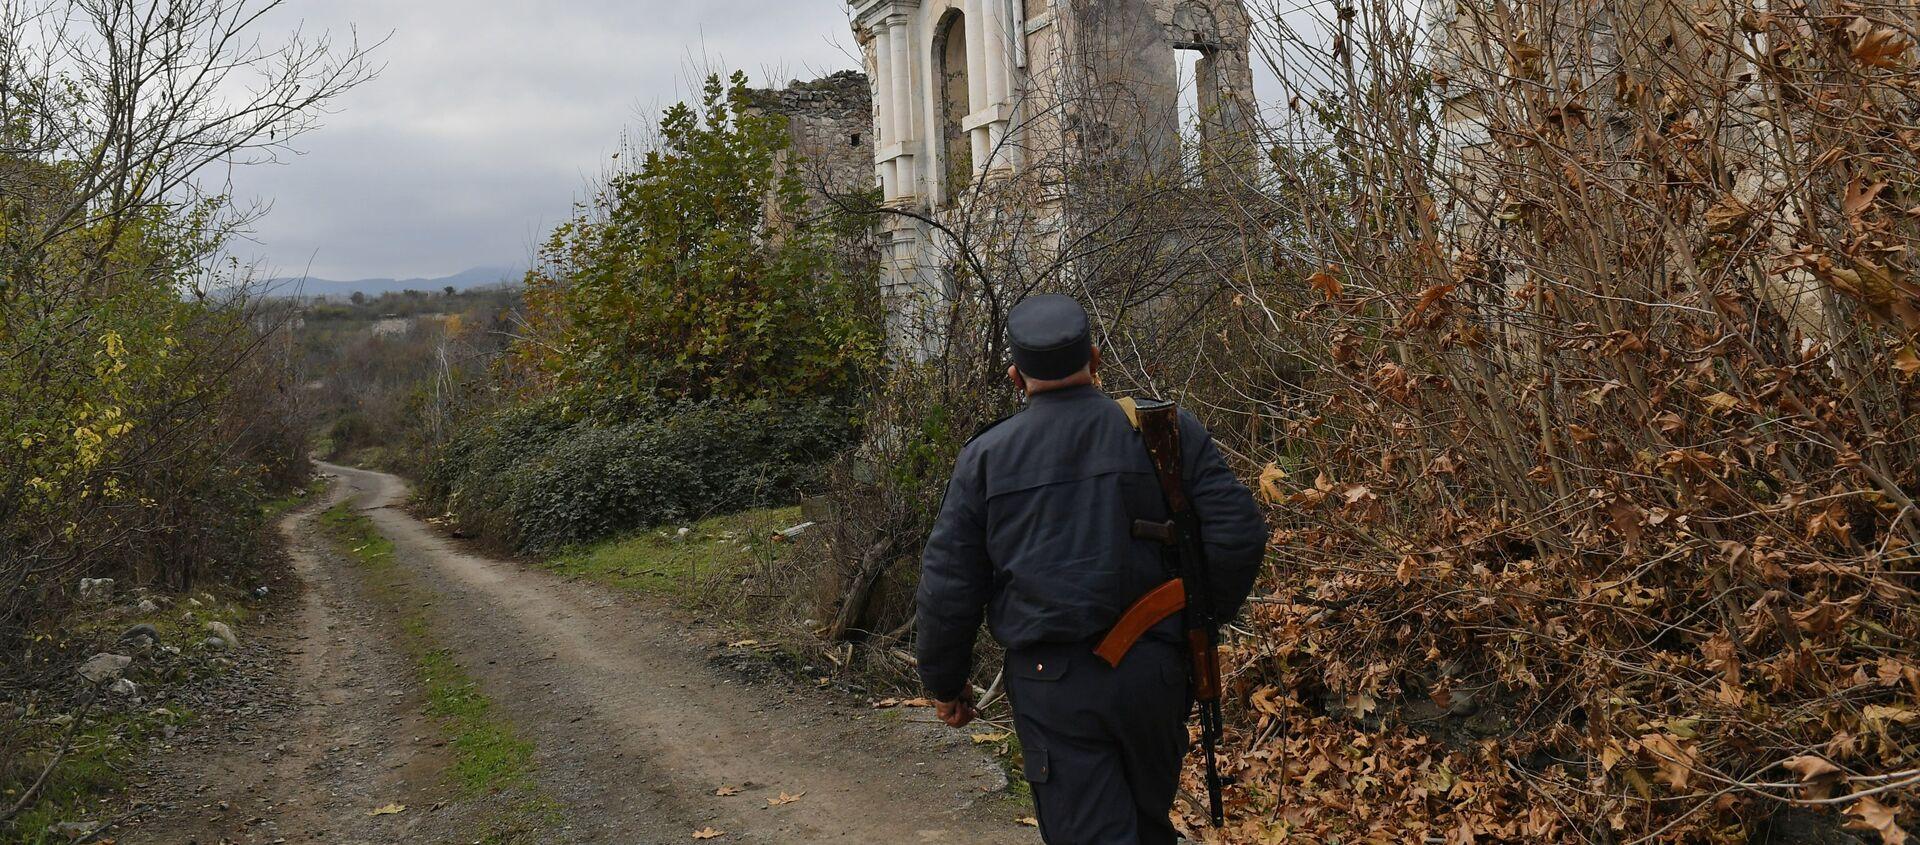 Azərbaycan polisi əvvəllər Araz qəzetinin redaksiyası olan dağılmış binanın yanında - Sputnik Азербайджан, 1920, 18.03.2021